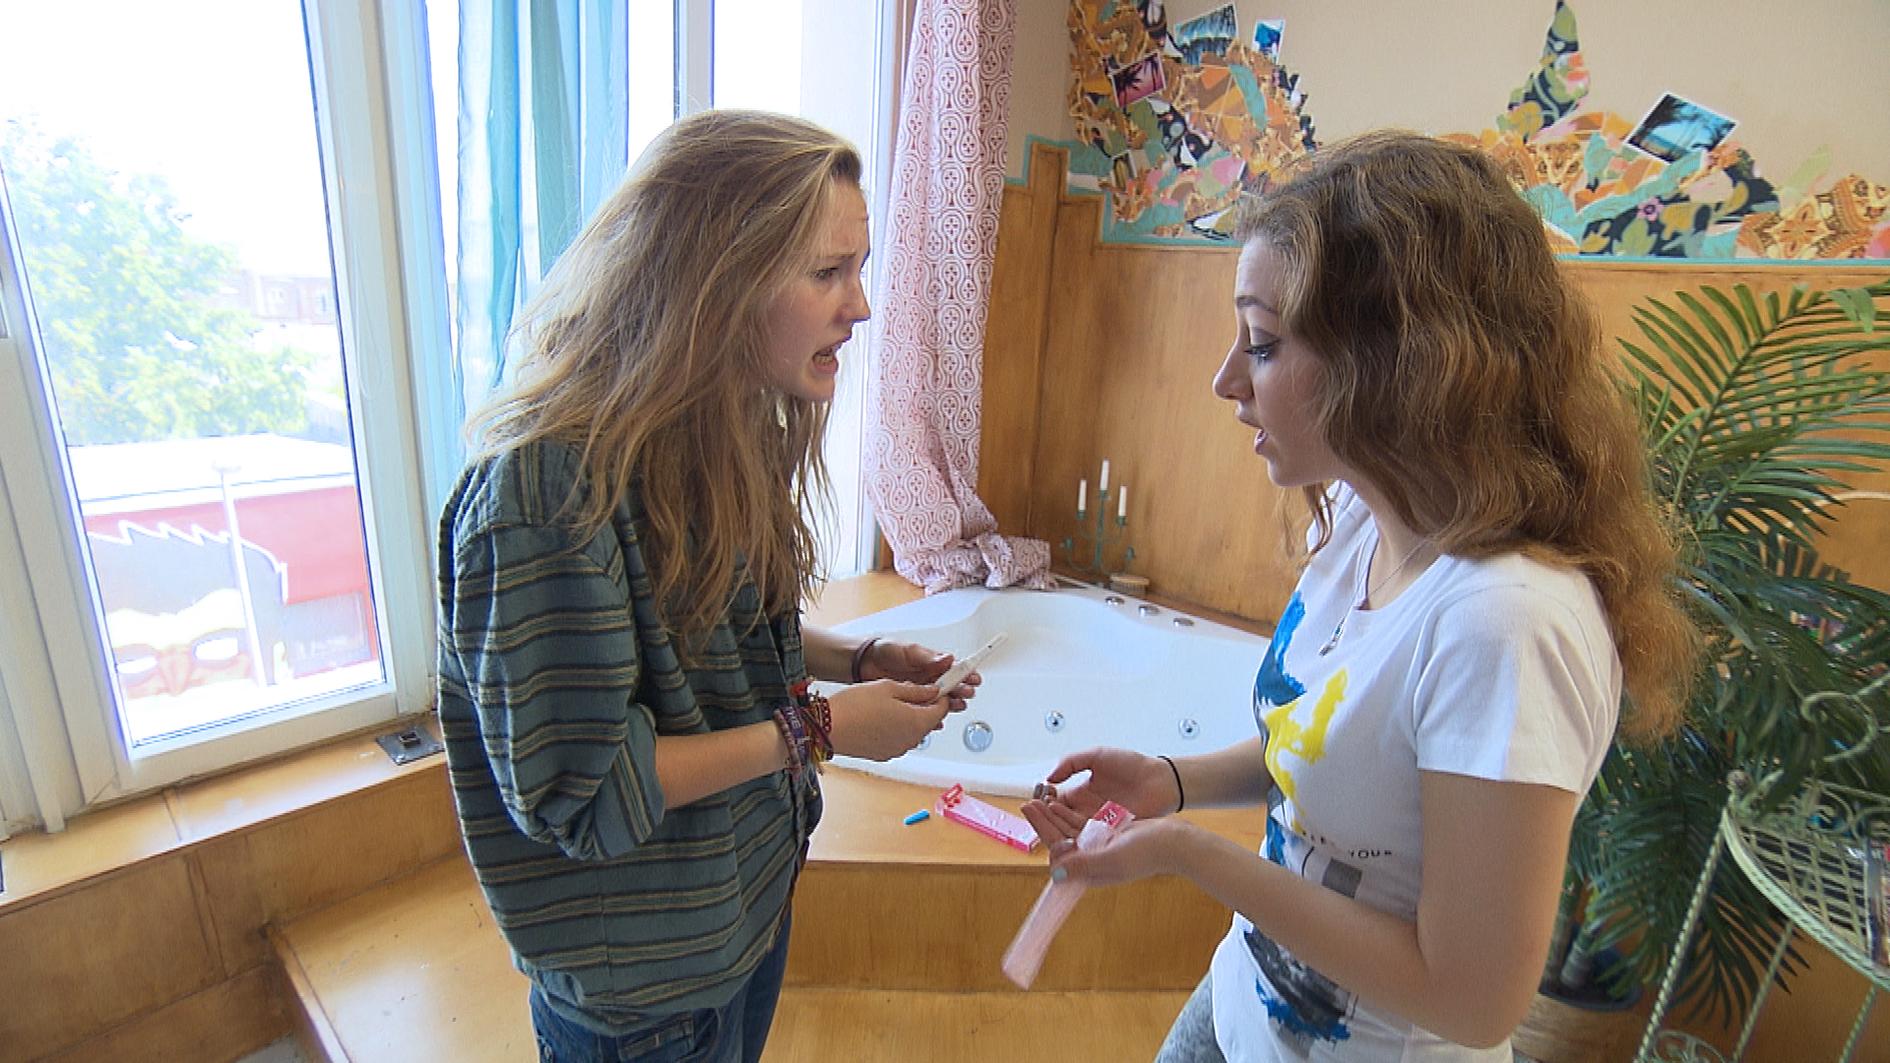 Eigentlich wollte Elli (re.) ihren ersten Ferientag mit ihren Freunden genießen, doch dann befürchtet Lotte, schwanger zu sein. Elli kümmert sich um Lotte und besorgt ihr einen Schwangerschaftstest, was Paul mitbekommt. (Quelle: RTL 2)